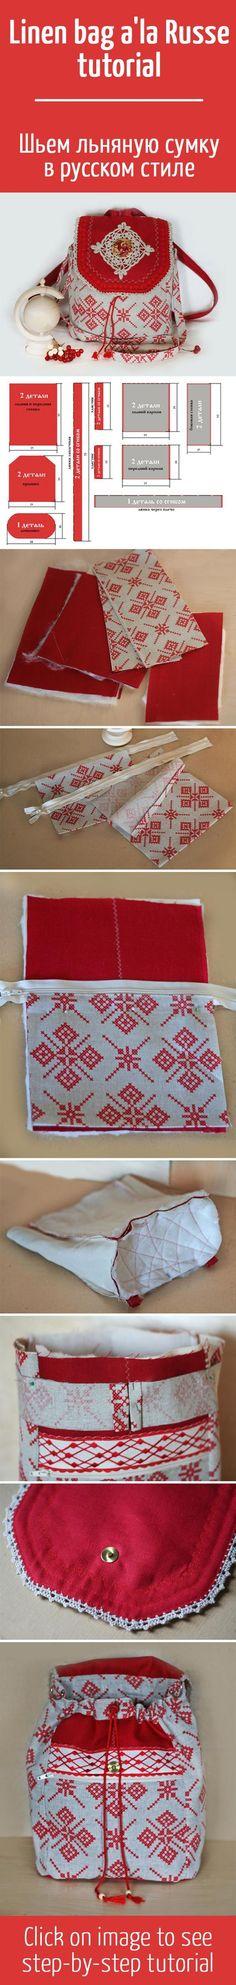 Шьем льняную сумку в русском стиле / How to sew linen bag a'la Russe tutorial...<3 Deniz <3